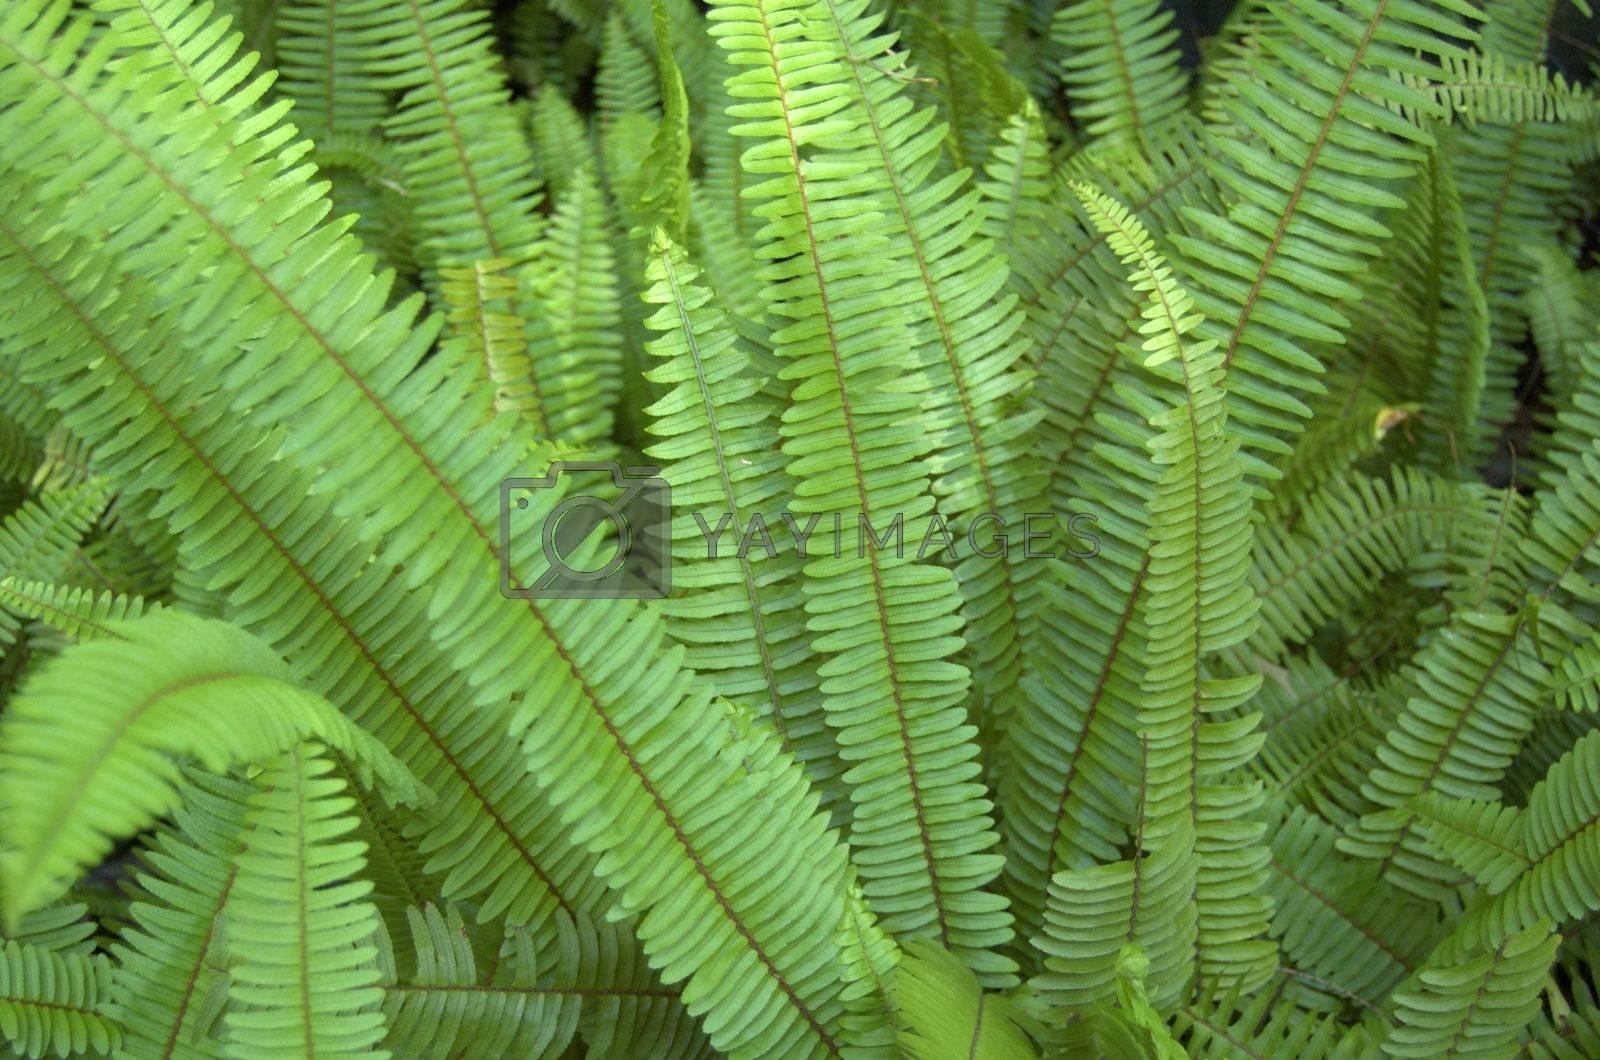 Ferns in Florida